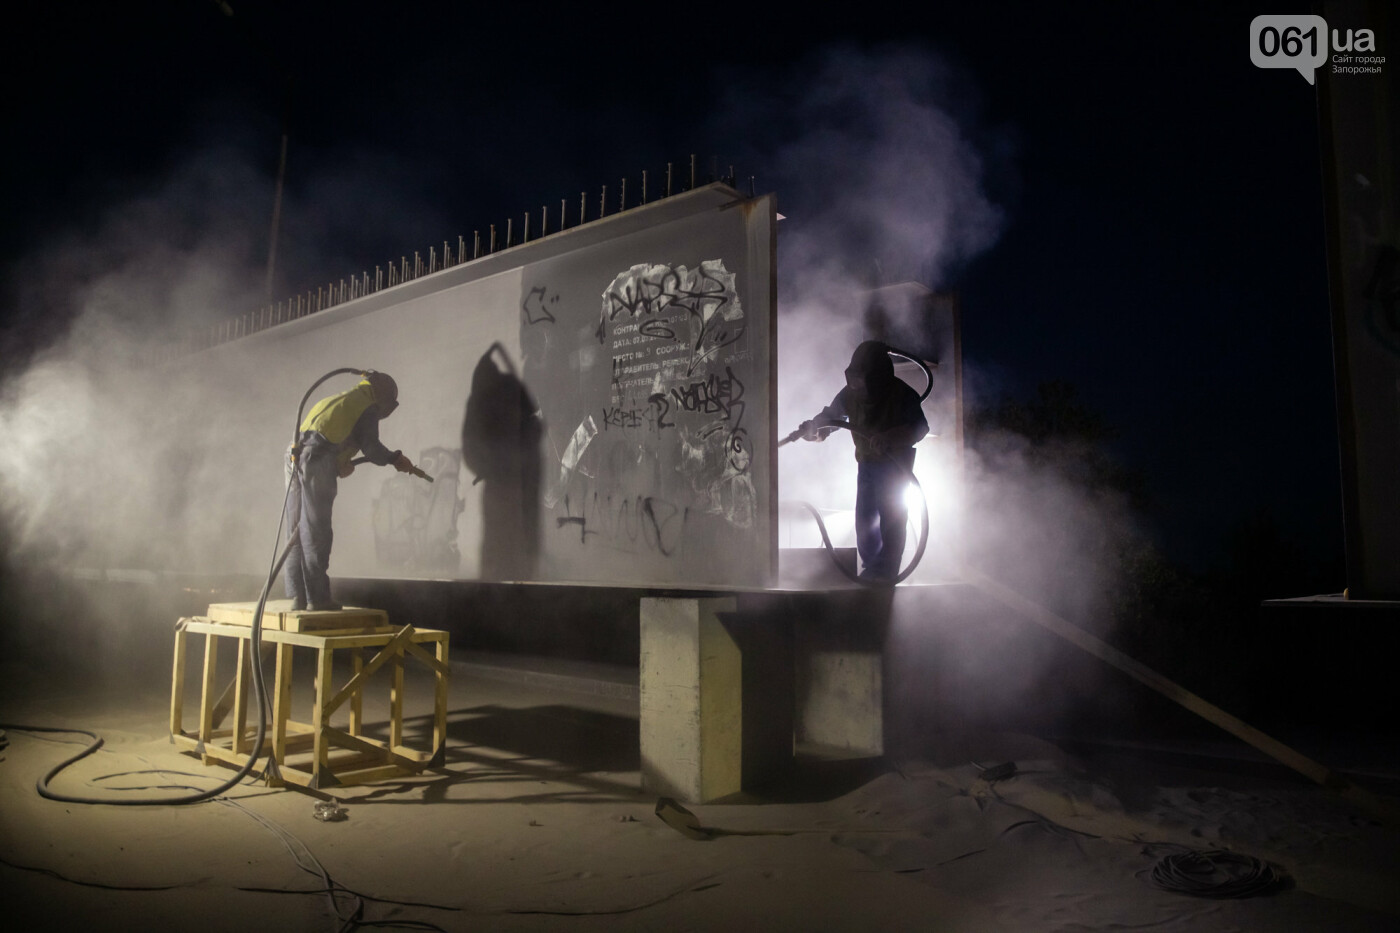 В Запорожье собирают балочный мост через Старый Днепр – строители работают даже ночью, - ФОТОРЕПОРТАЖ , фото-35